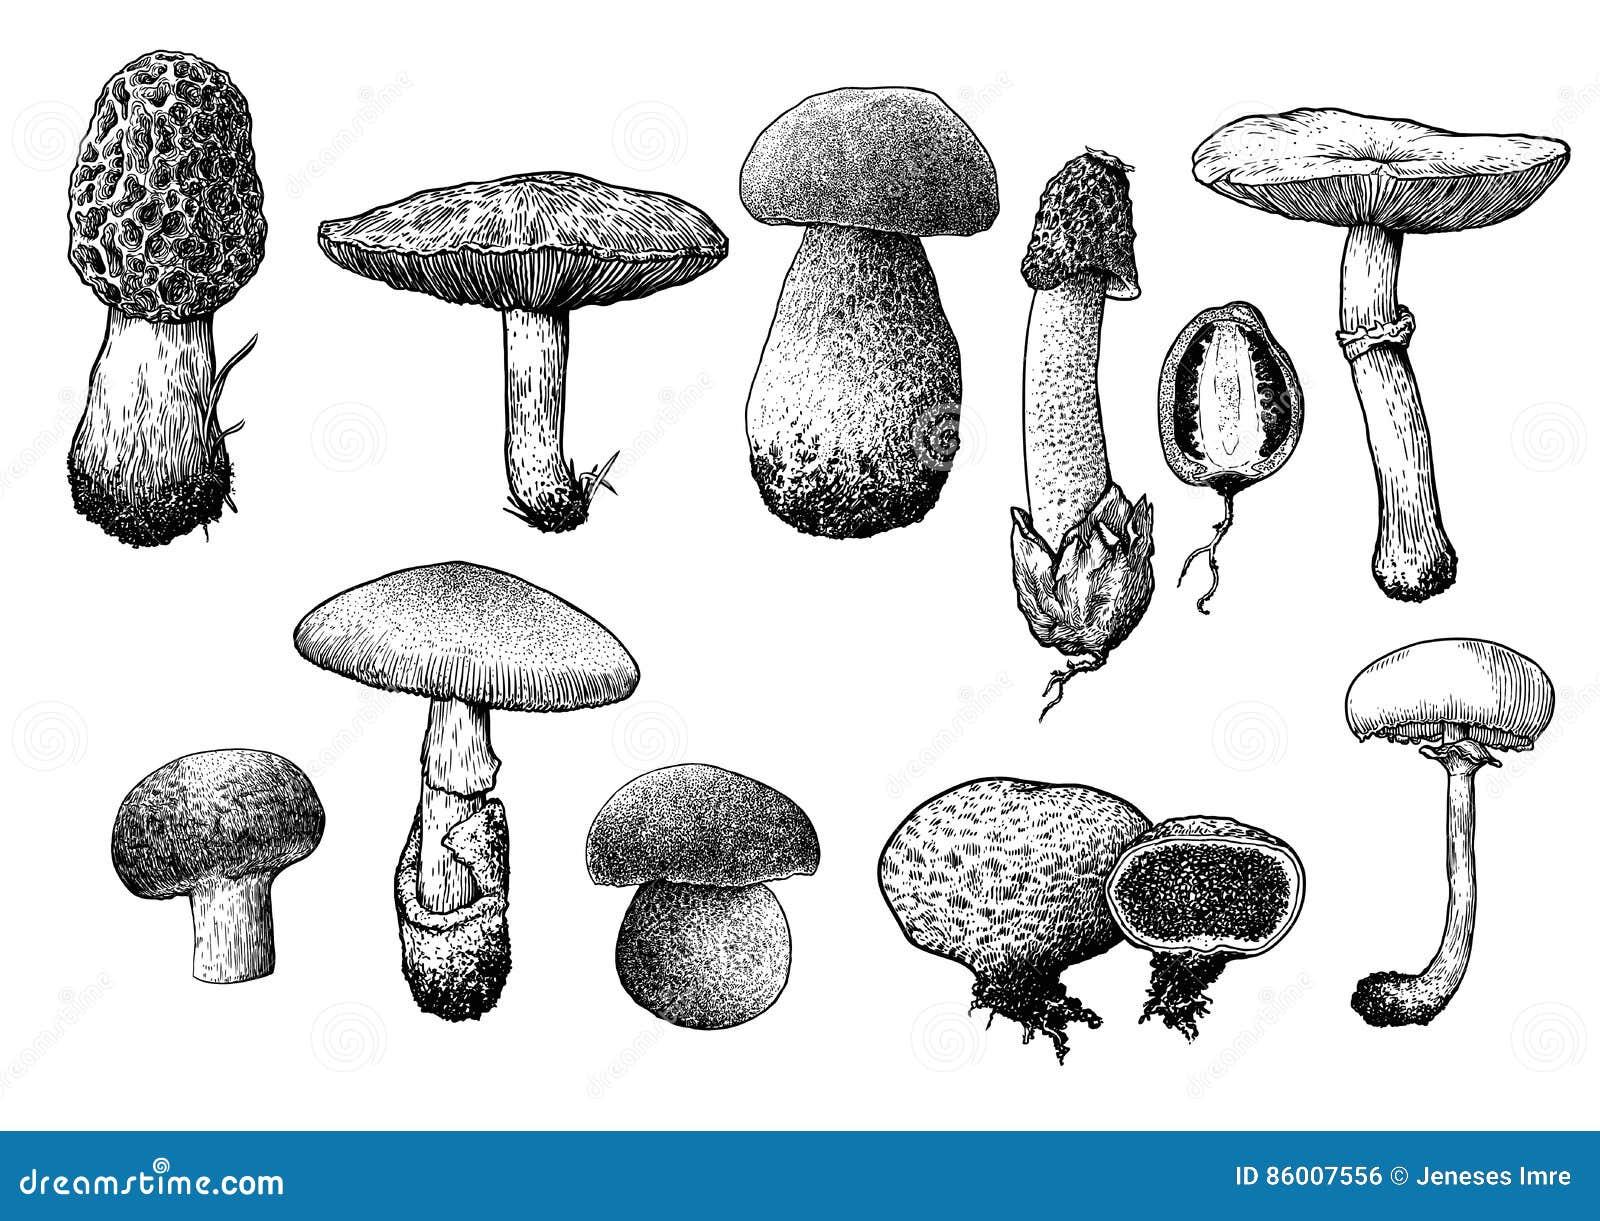 Illustration de collection de champignon, dessin, gravure, schéma